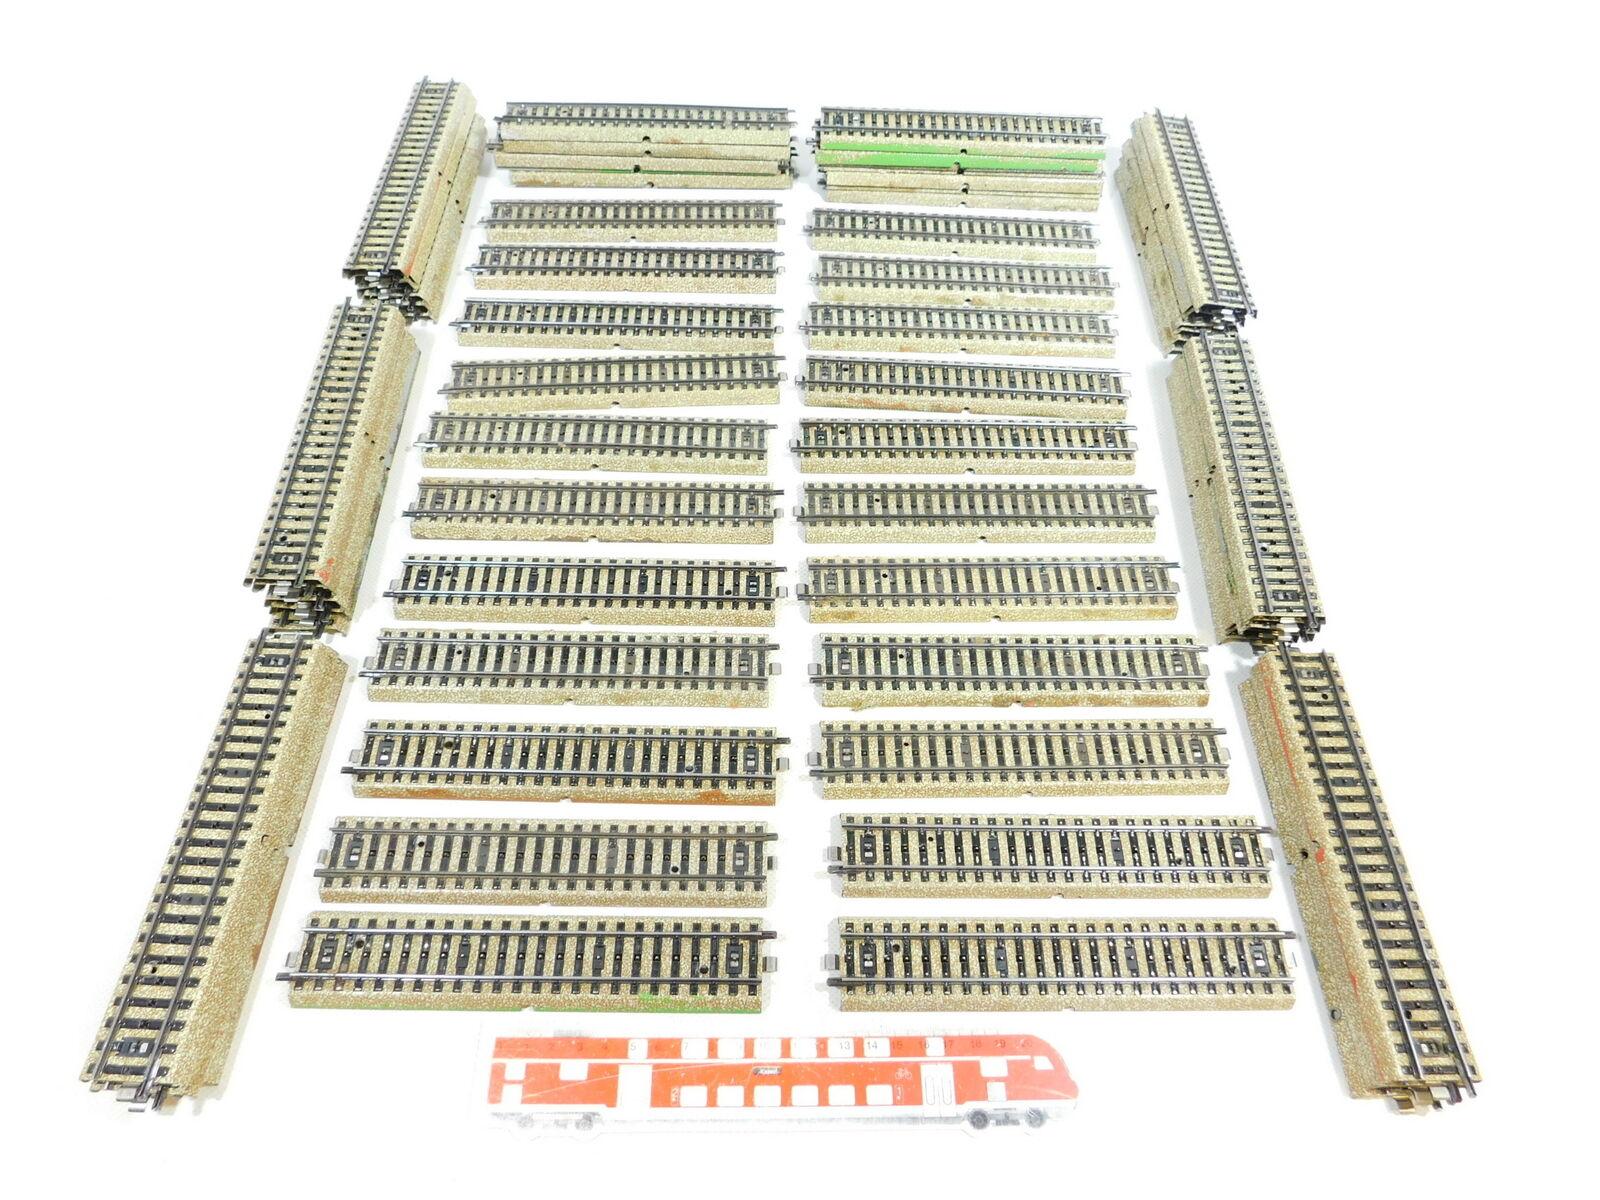 Bx520-3  69x marklin h0 ac 5106 binario ferrovia M-Binario appena; buona 2. scelta